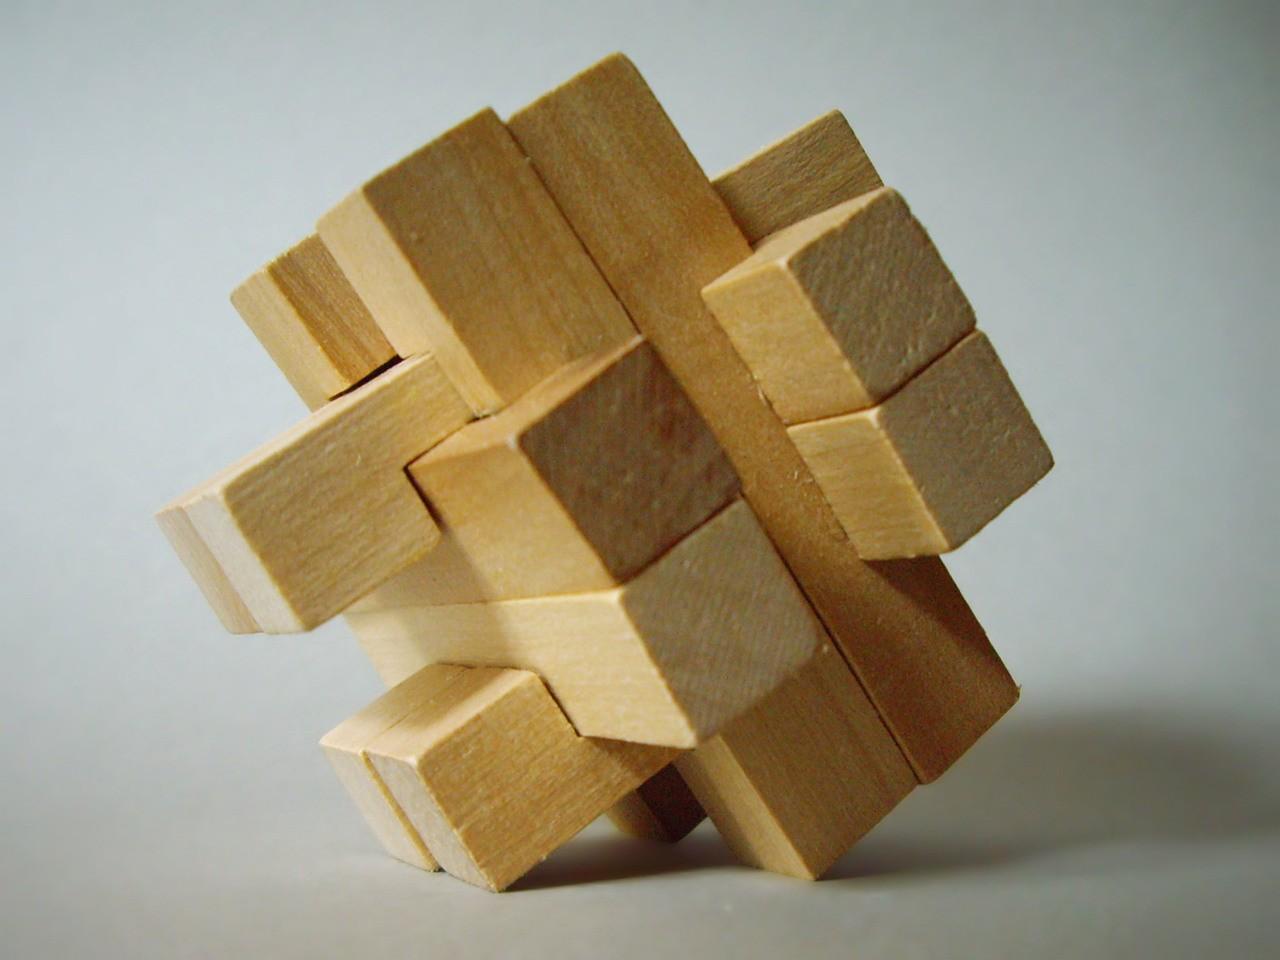 Puzzle drewniane 3D – nowy wymiar zabawy?